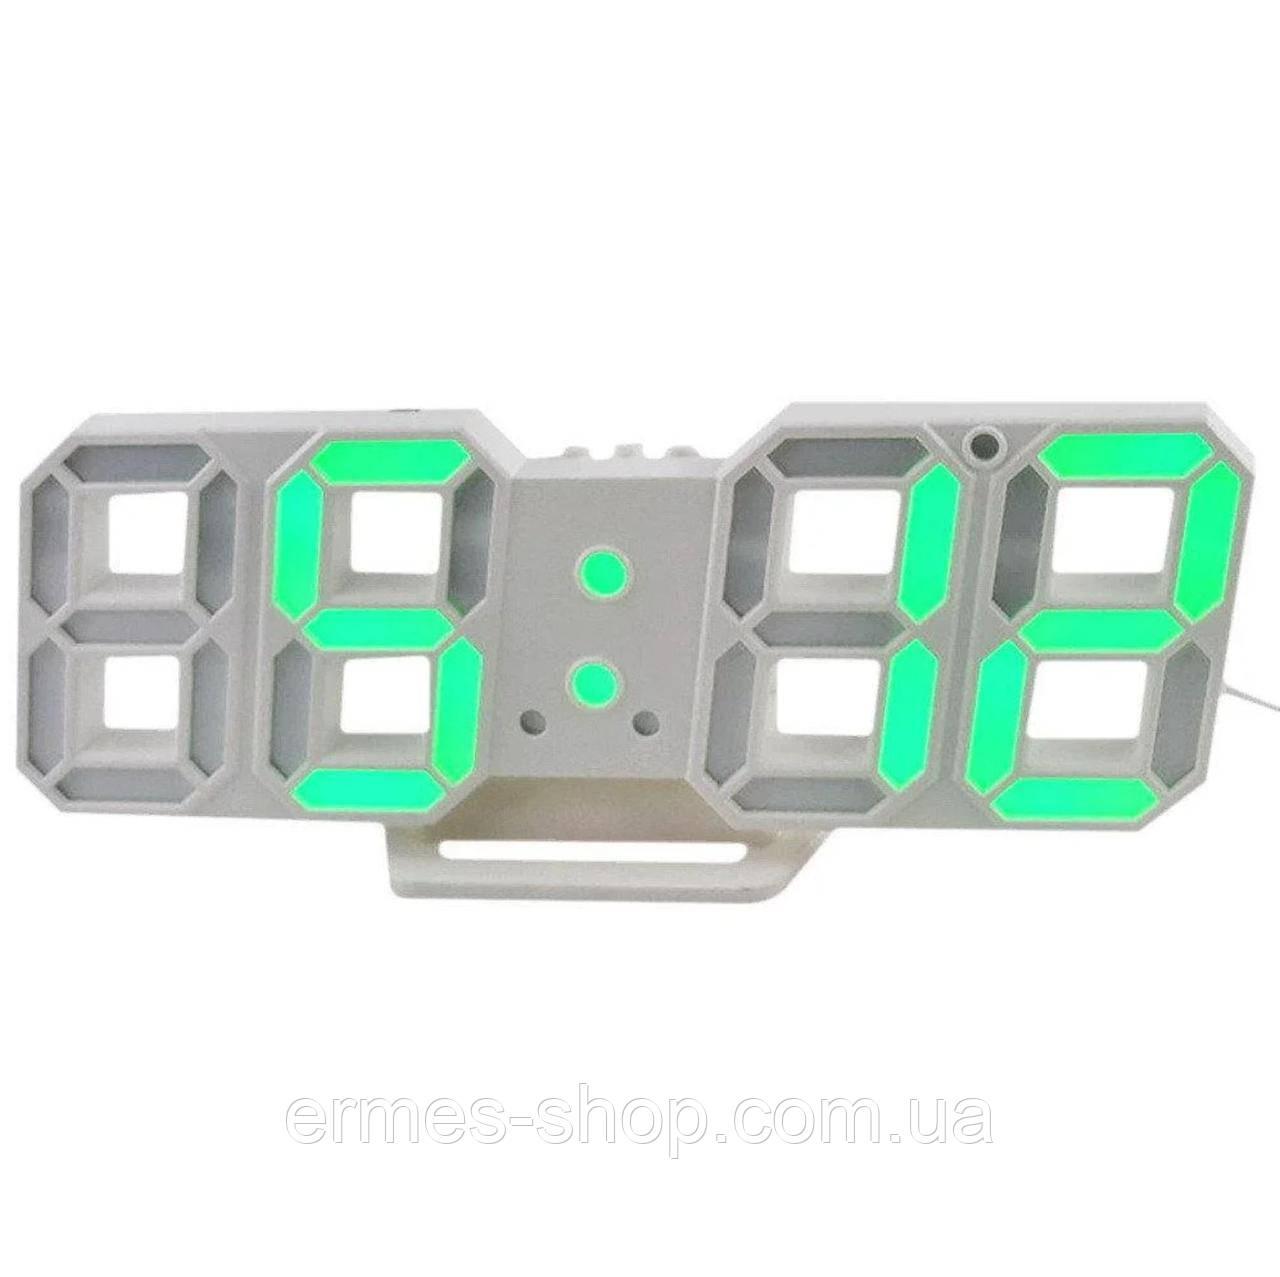 Настольные электронные часы CX-2218